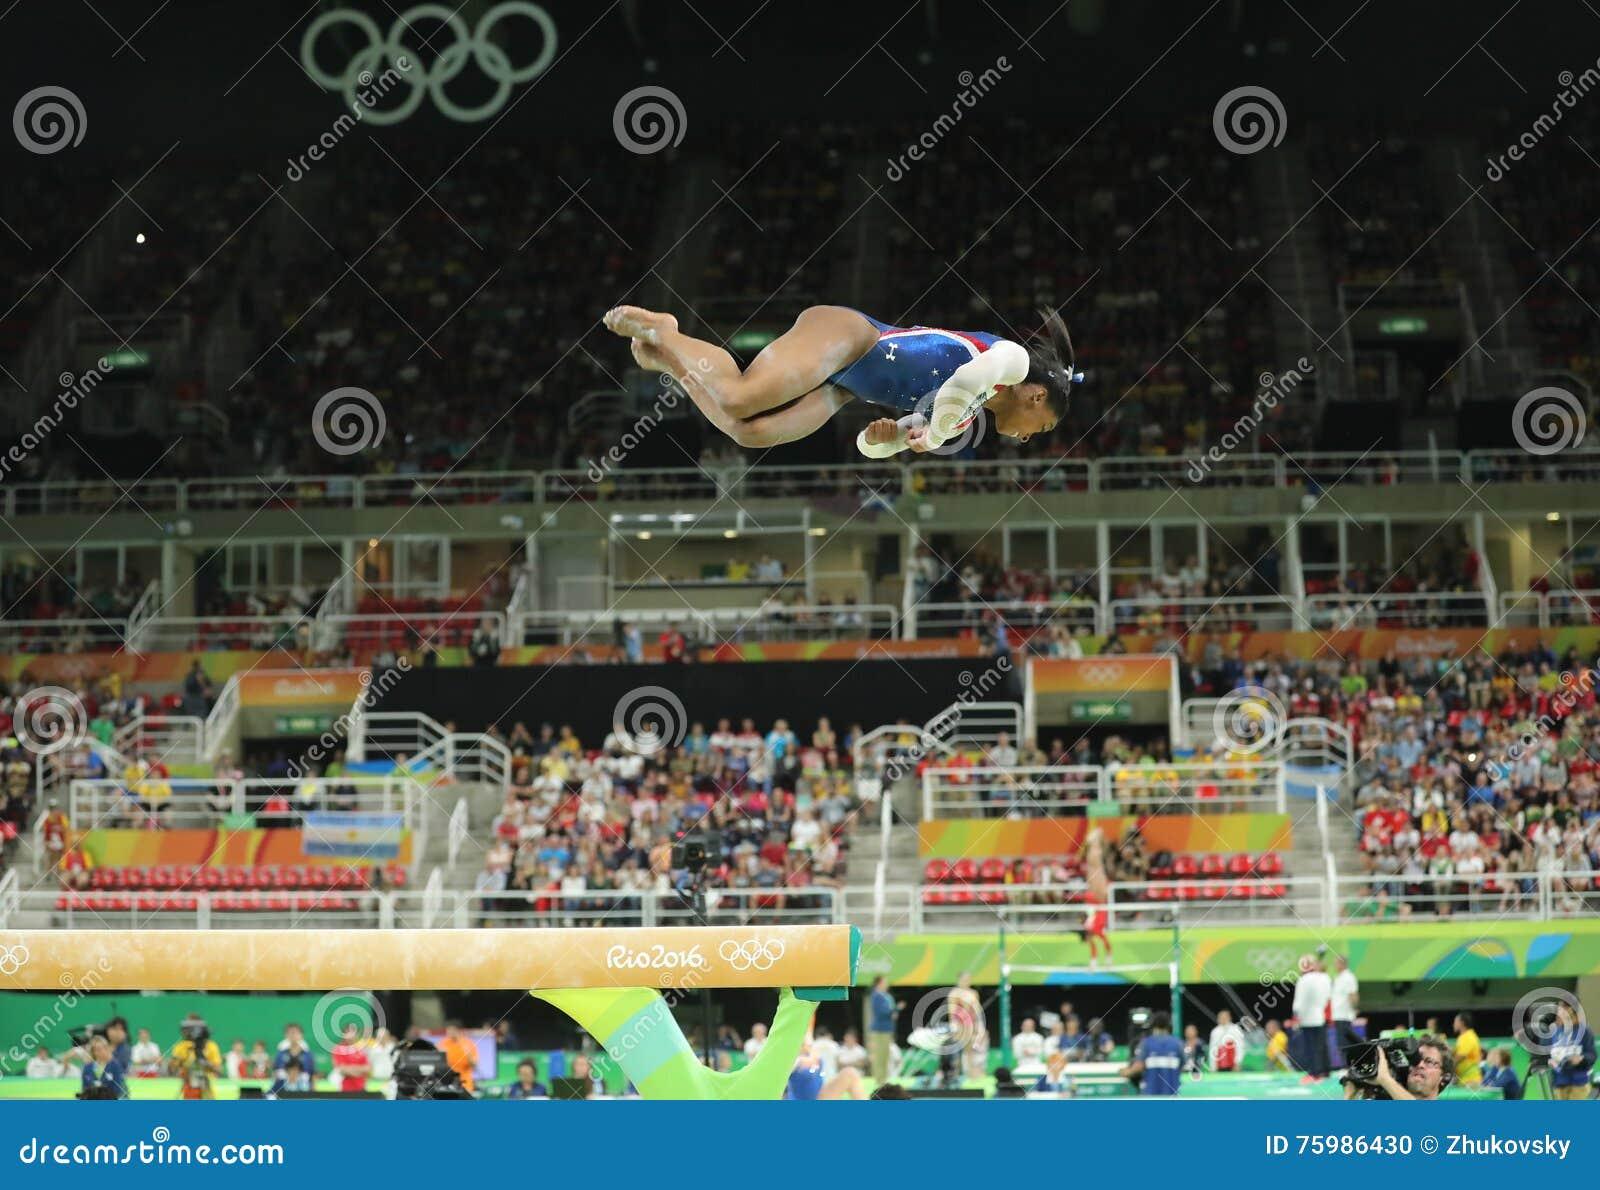 Олимпийские желчи Simone чемпиона Соединенных Штатов состязаясь на коромысле на женщинах все-вокруг гимнастики на Рио 2016